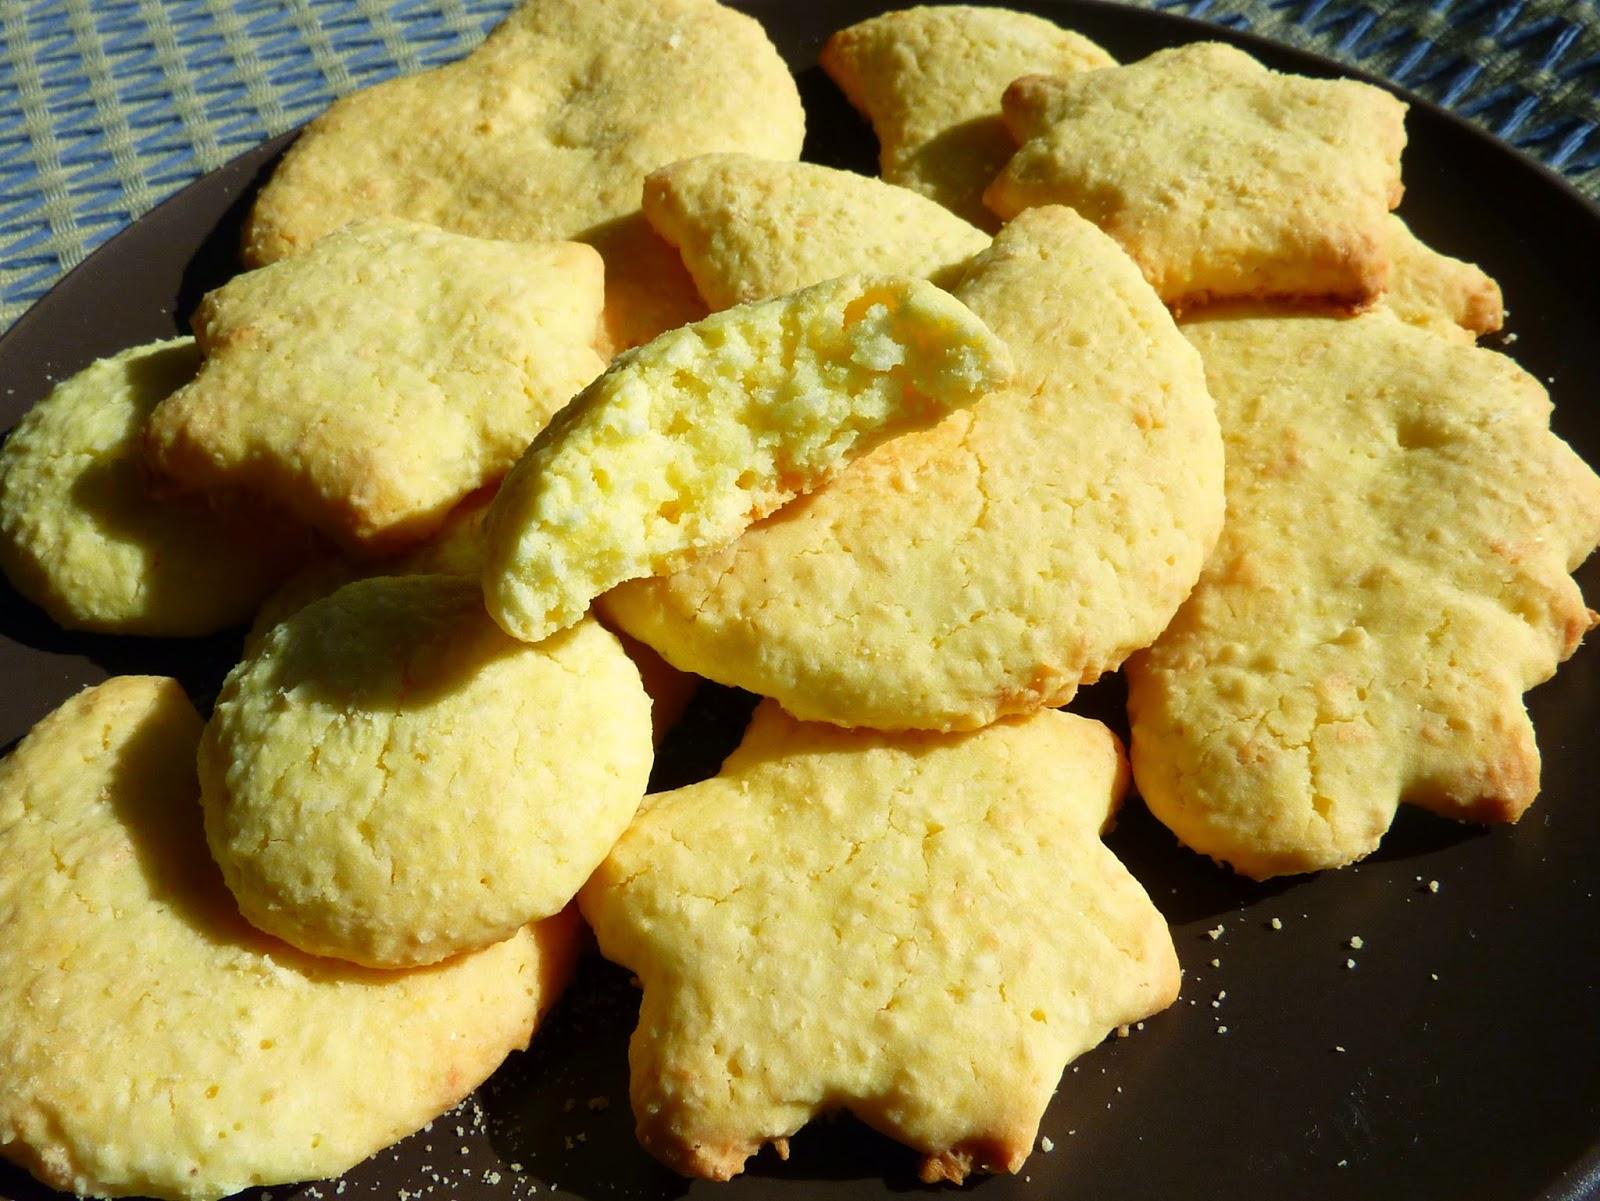 Receta: Galletas de coco, sin gluten ni lácteos